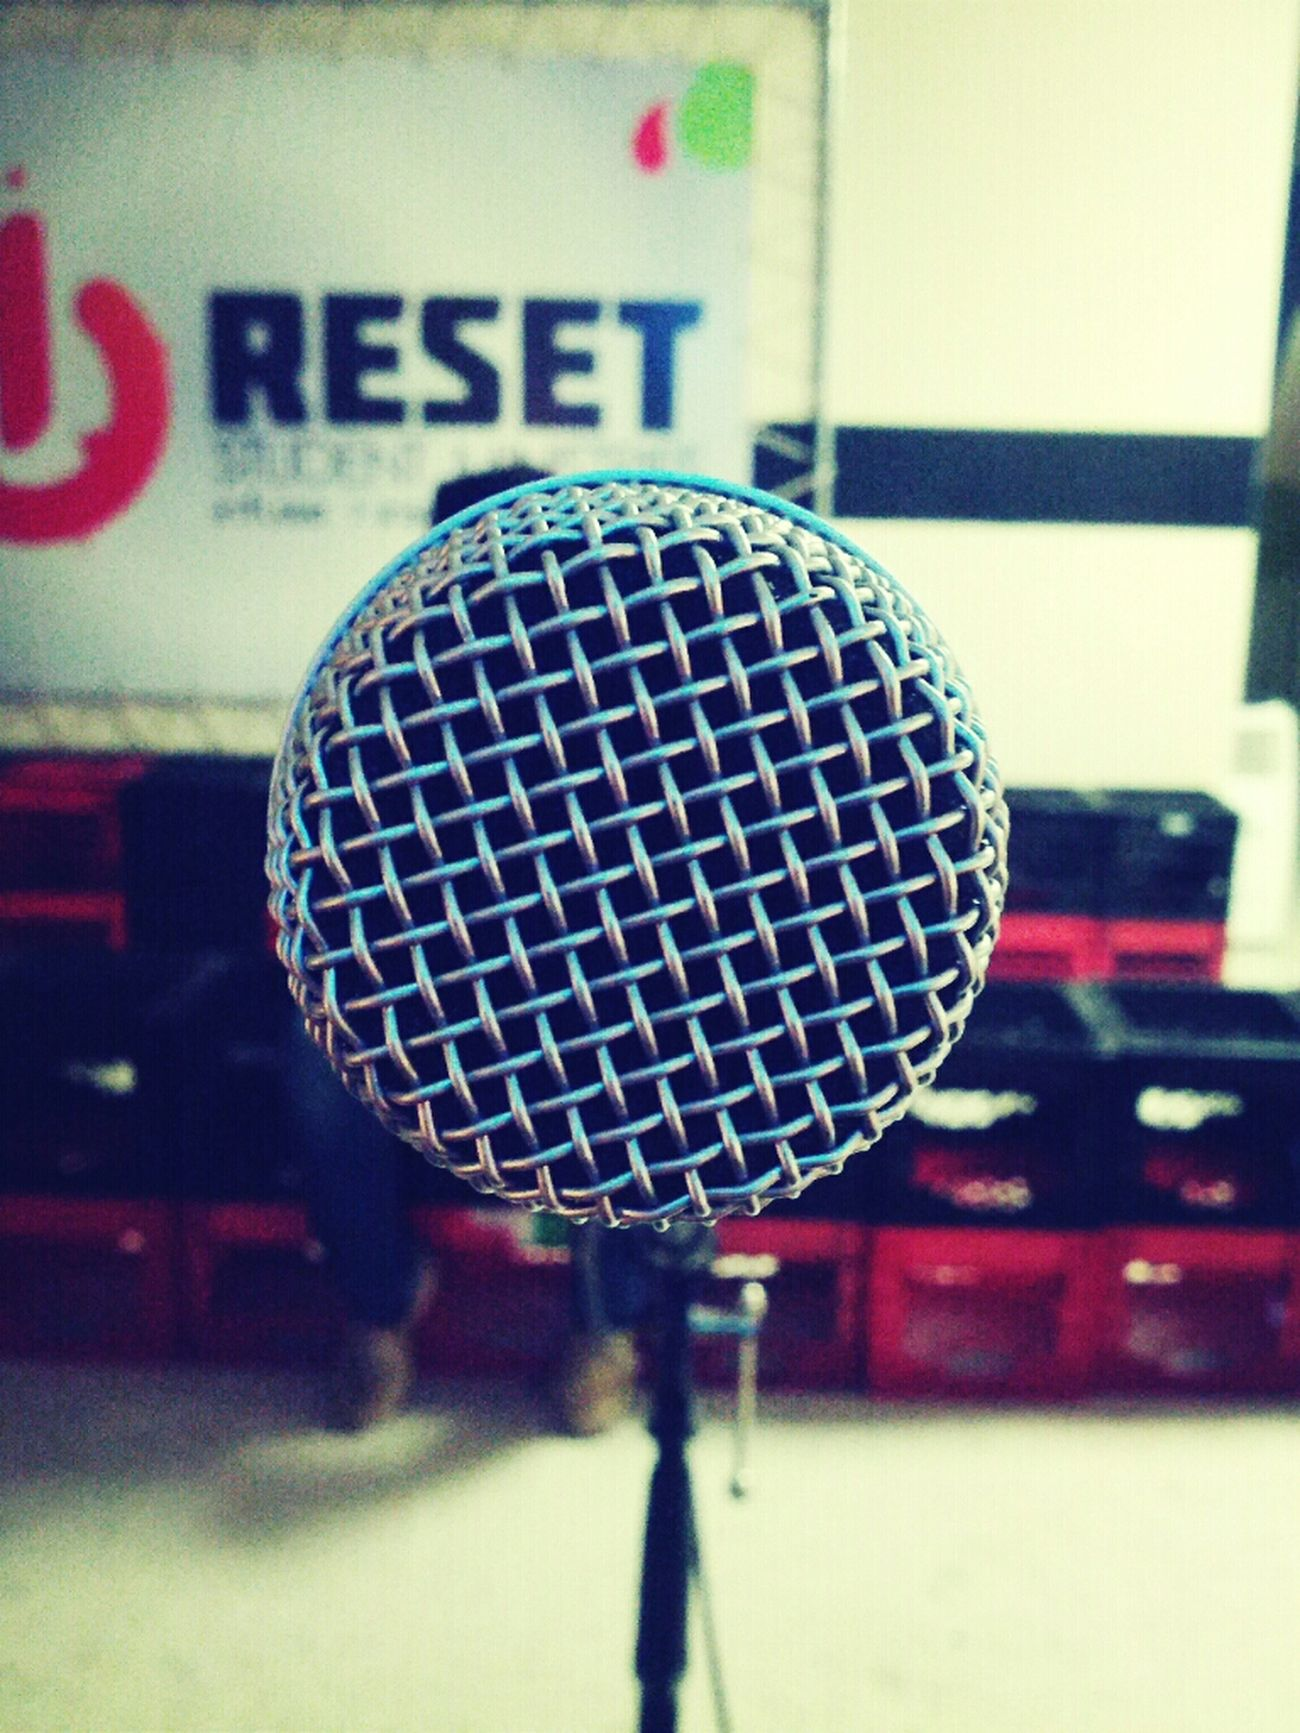 #mic #crates #reset #thehall #praise #worship Reset Mic